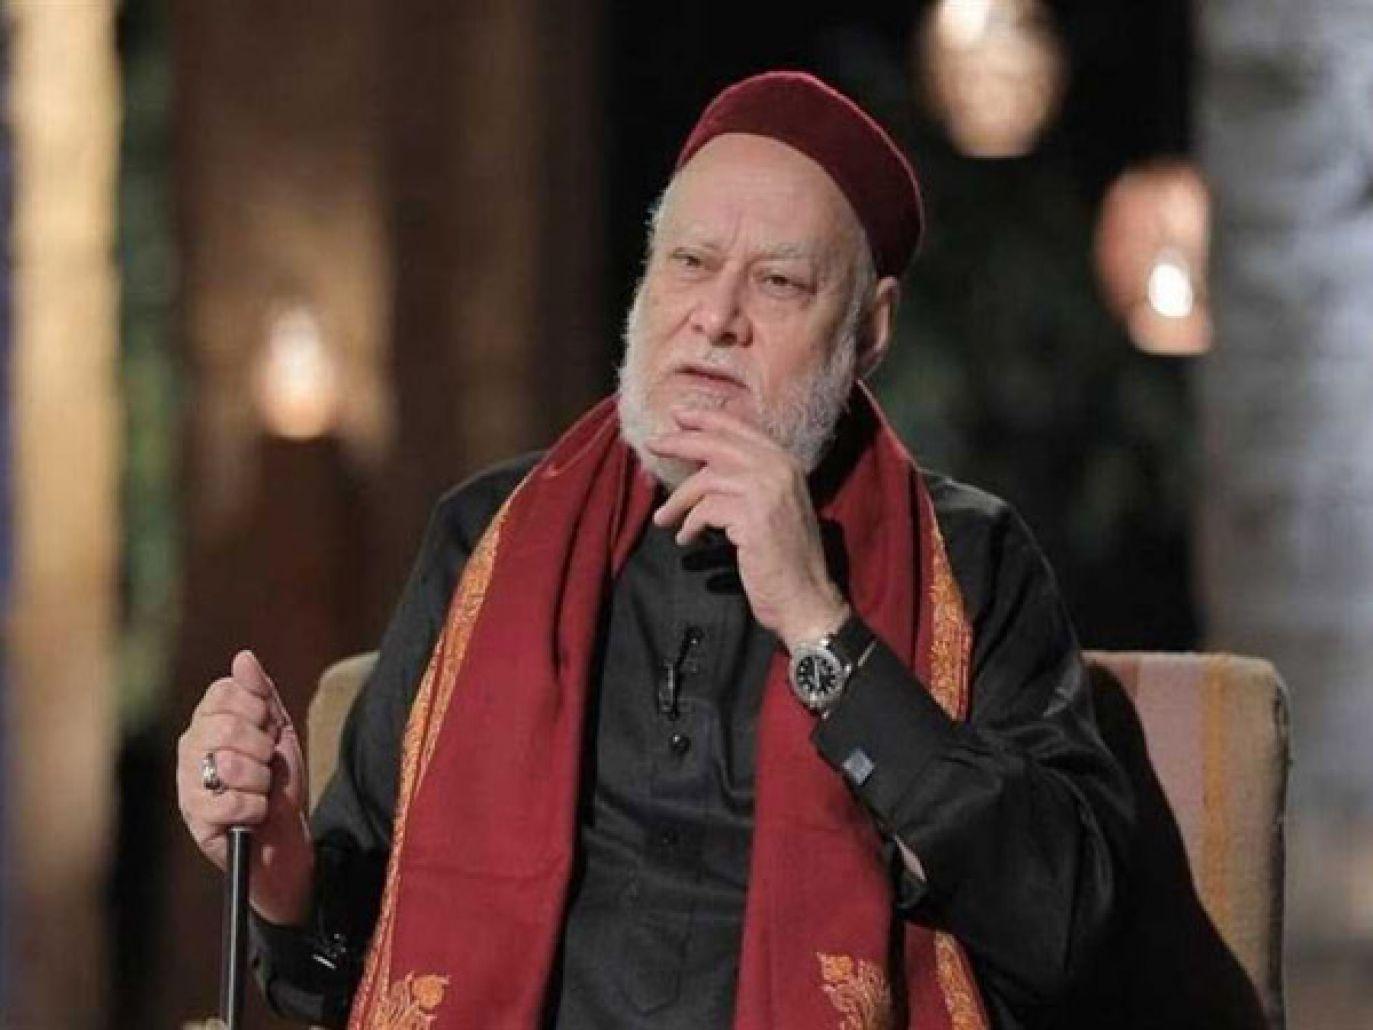 (شاهد) علي جمعة يثير الجدل: الرسول من مواليد برج الحمل